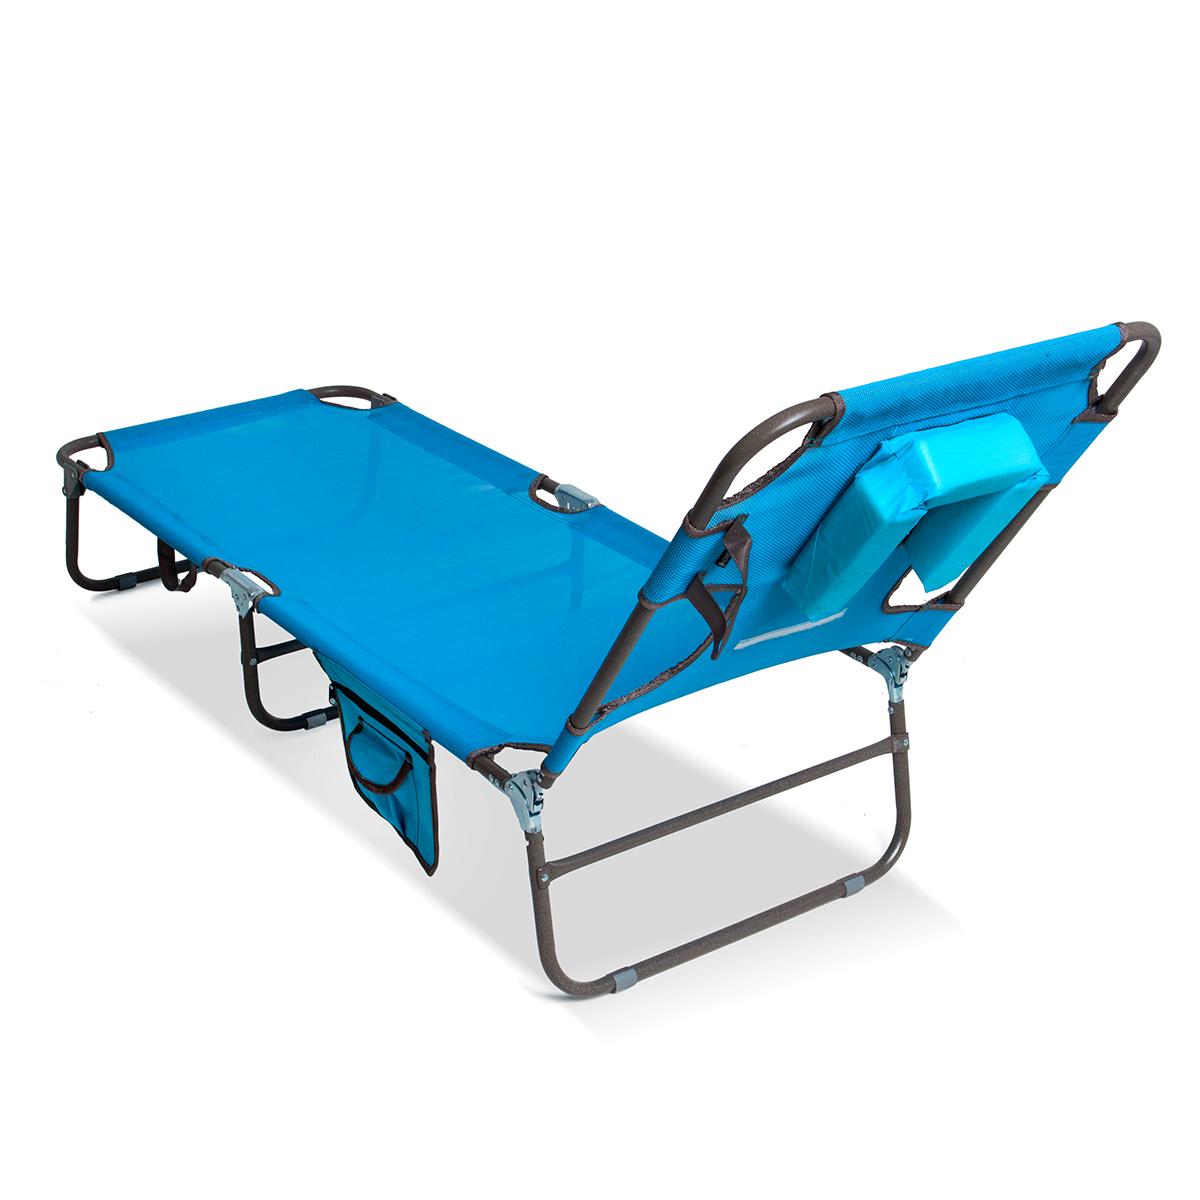 aluminium transat pour jardin fauteuil de plage lit soleil chaise longue ebay. Black Bedroom Furniture Sets. Home Design Ideas